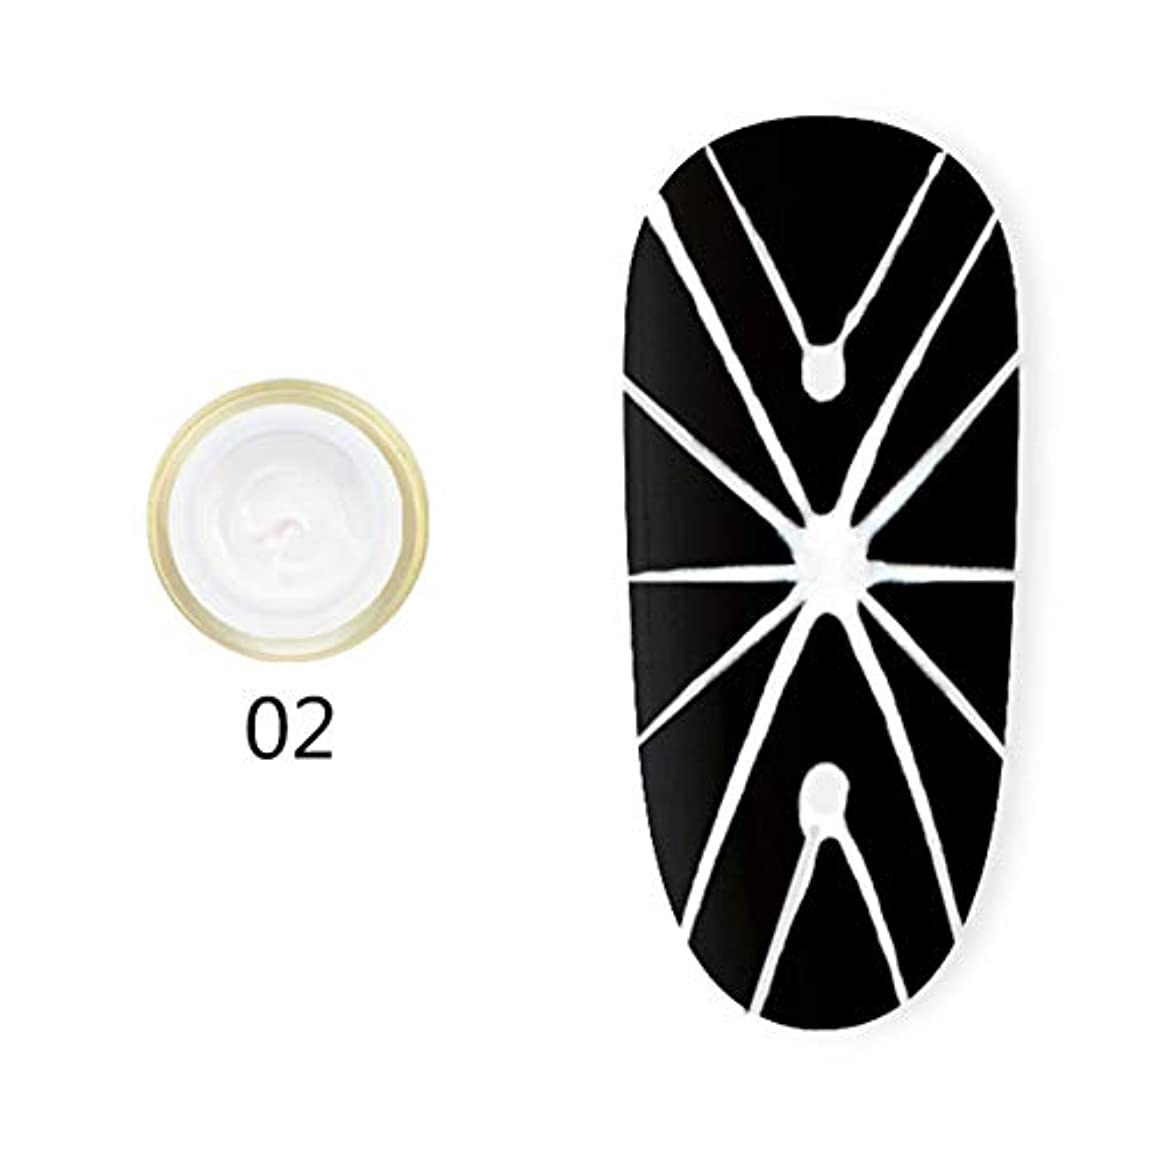 立派な意志に反するパークhamulekfae-弾性クモ画線ワイヤーペインティングジェルDIY UVネイルジェルポリッシュラッカー White